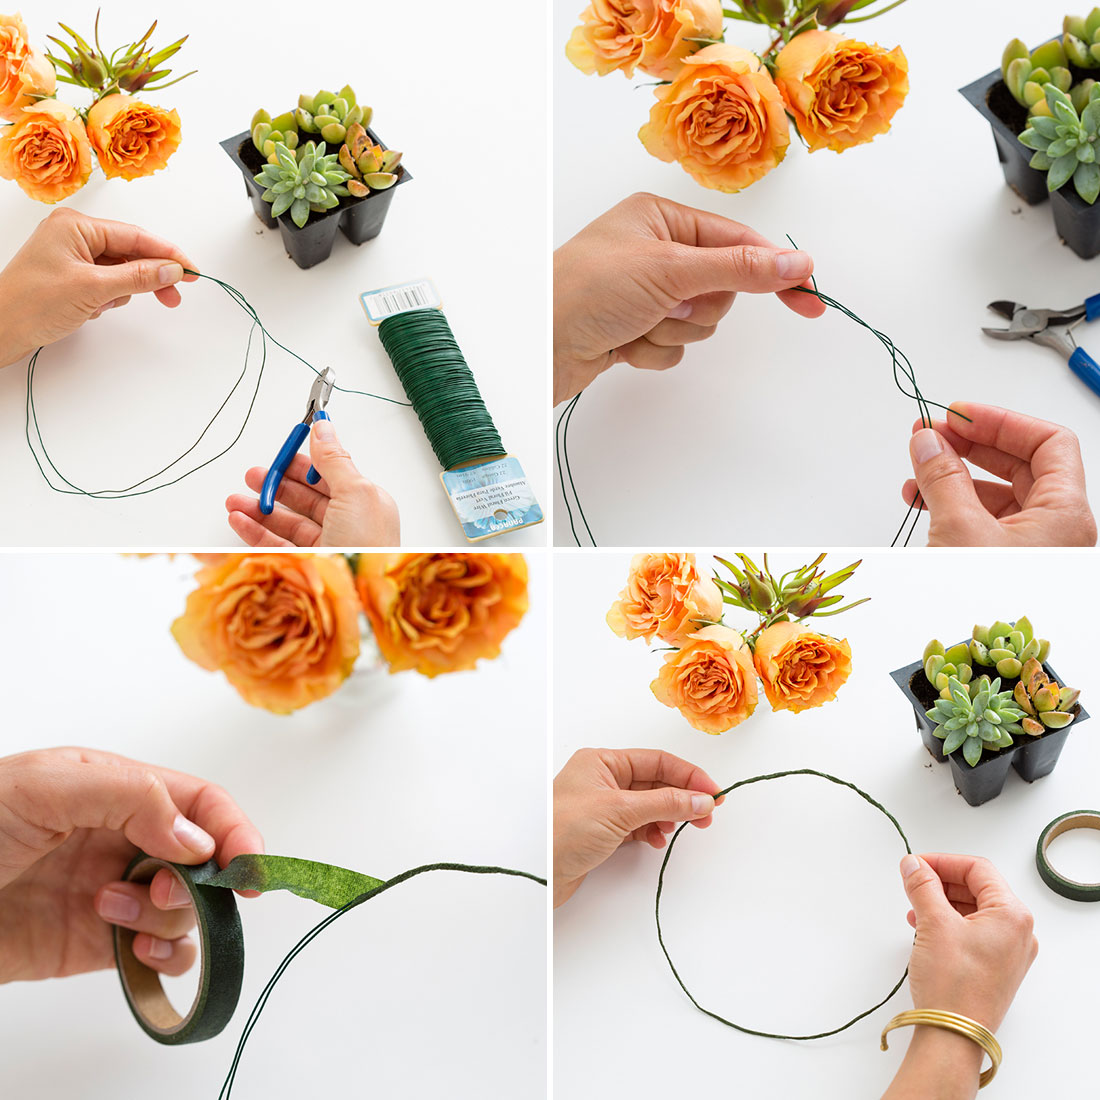 blumenkranz f r die haare selber machen 26 anleitungen mit gerbera rose und gartenblumen. Black Bedroom Furniture Sets. Home Design Ideas